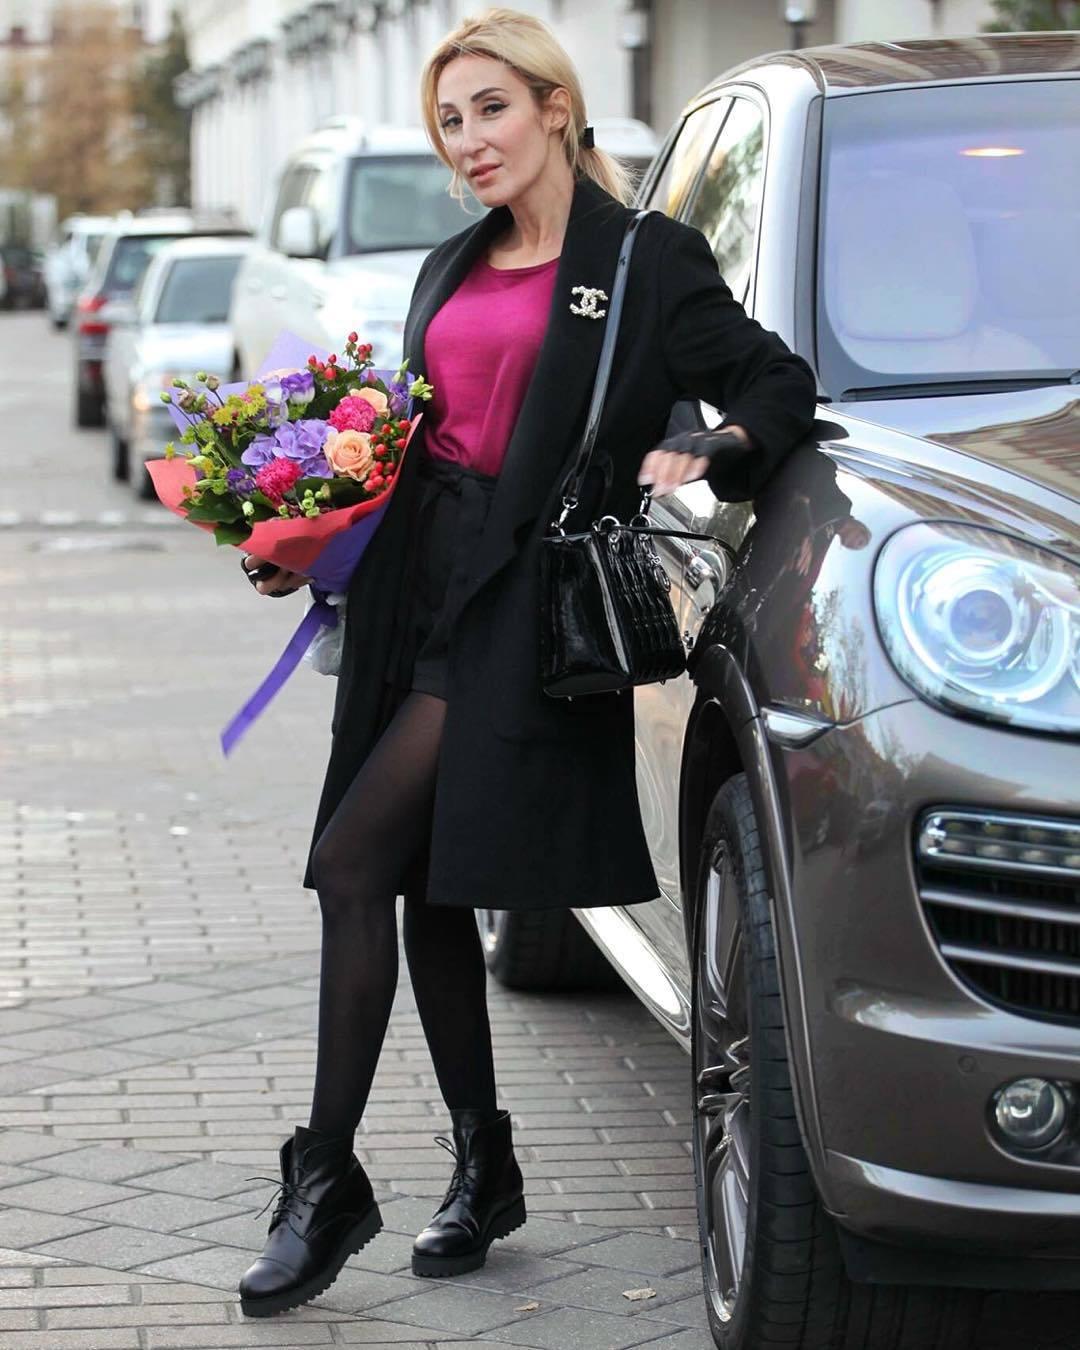 Виктория Демидова Фото - блогер, известная мама в Инстаграм / Страница - 8